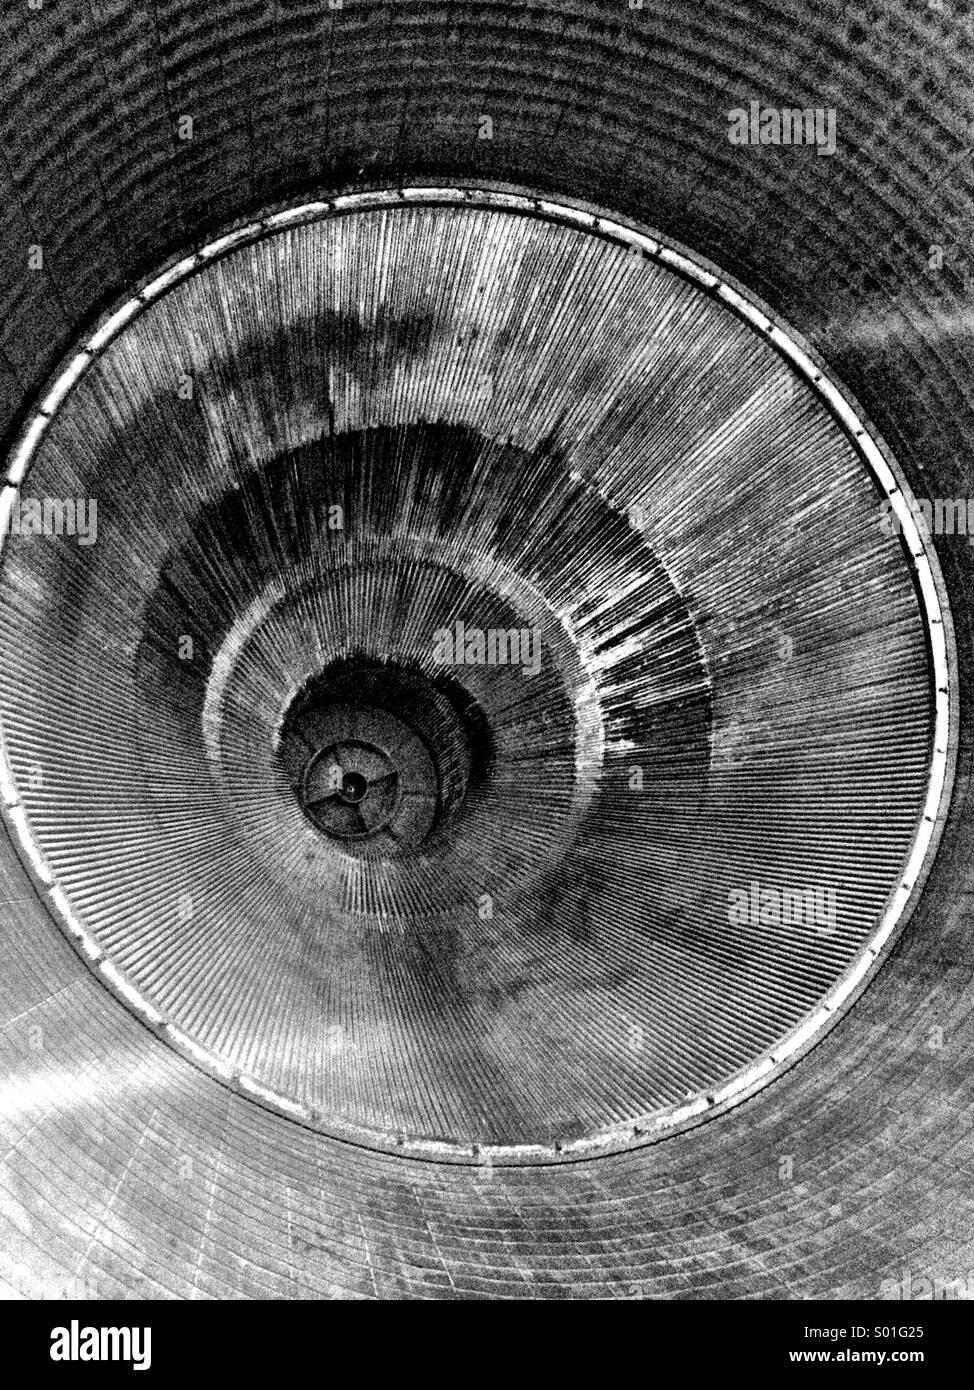 L'interno dell'ugello di un Rocketdyne F-1 motore come visto su un Saturn V luna razzo. Immagini Stock